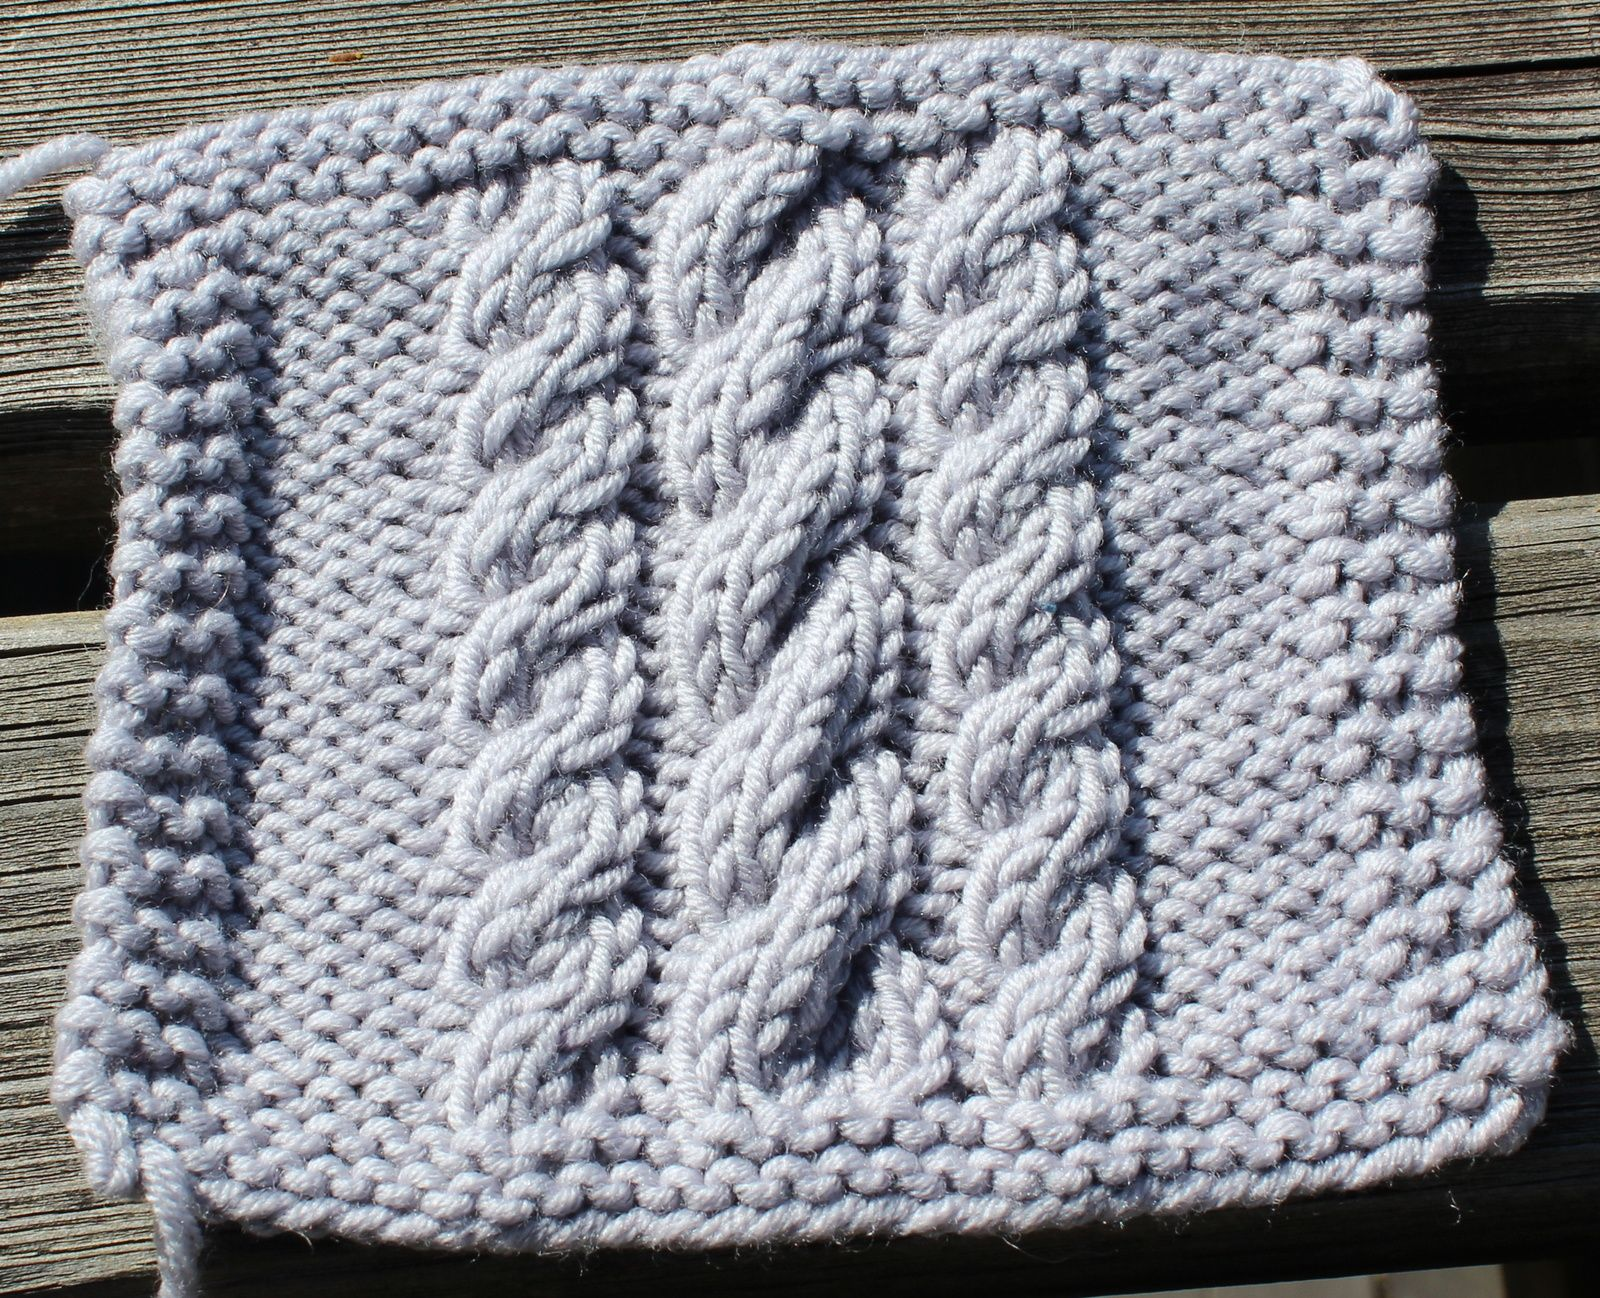 kal boucle d 39 or version b b carr 8 specialite tricot tricot point de tricot et le point. Black Bedroom Furniture Sets. Home Design Ideas